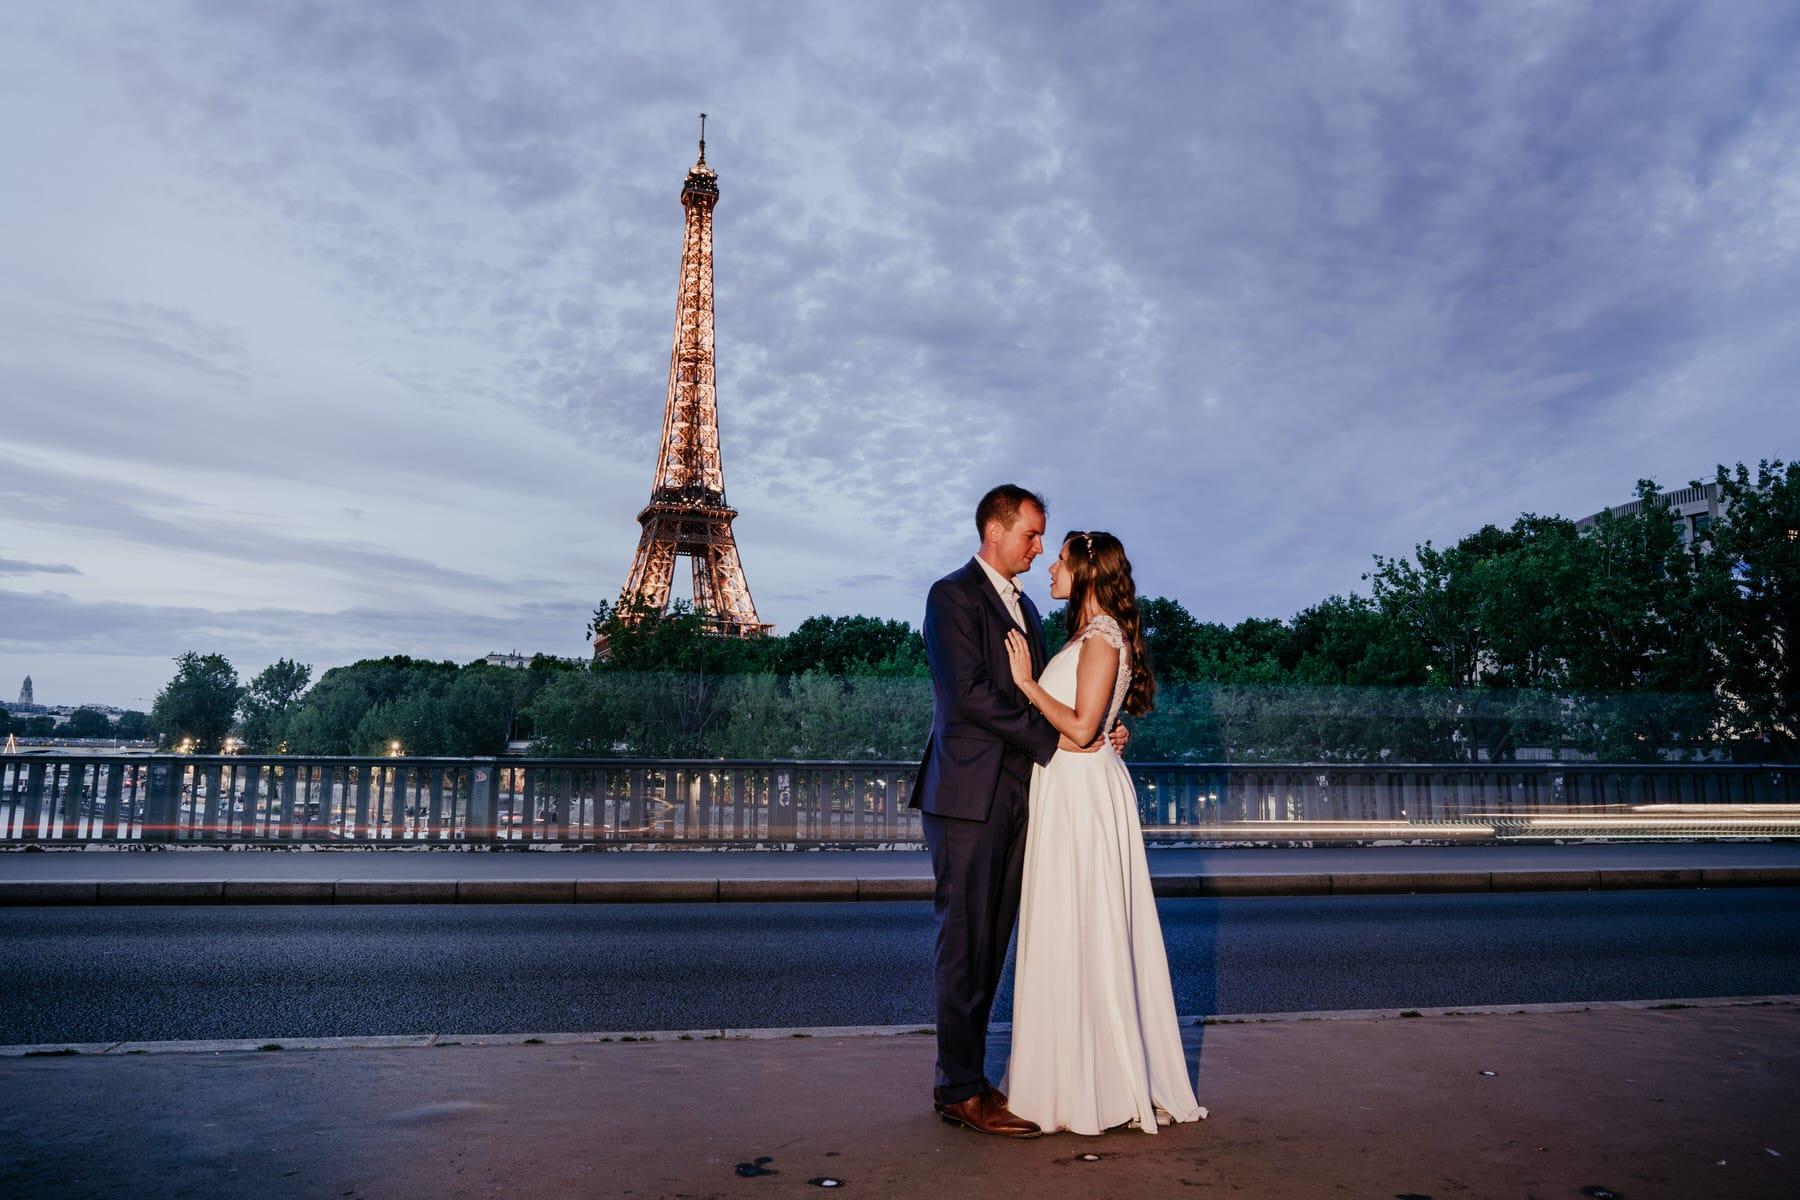 Séance after day romantique à Paris